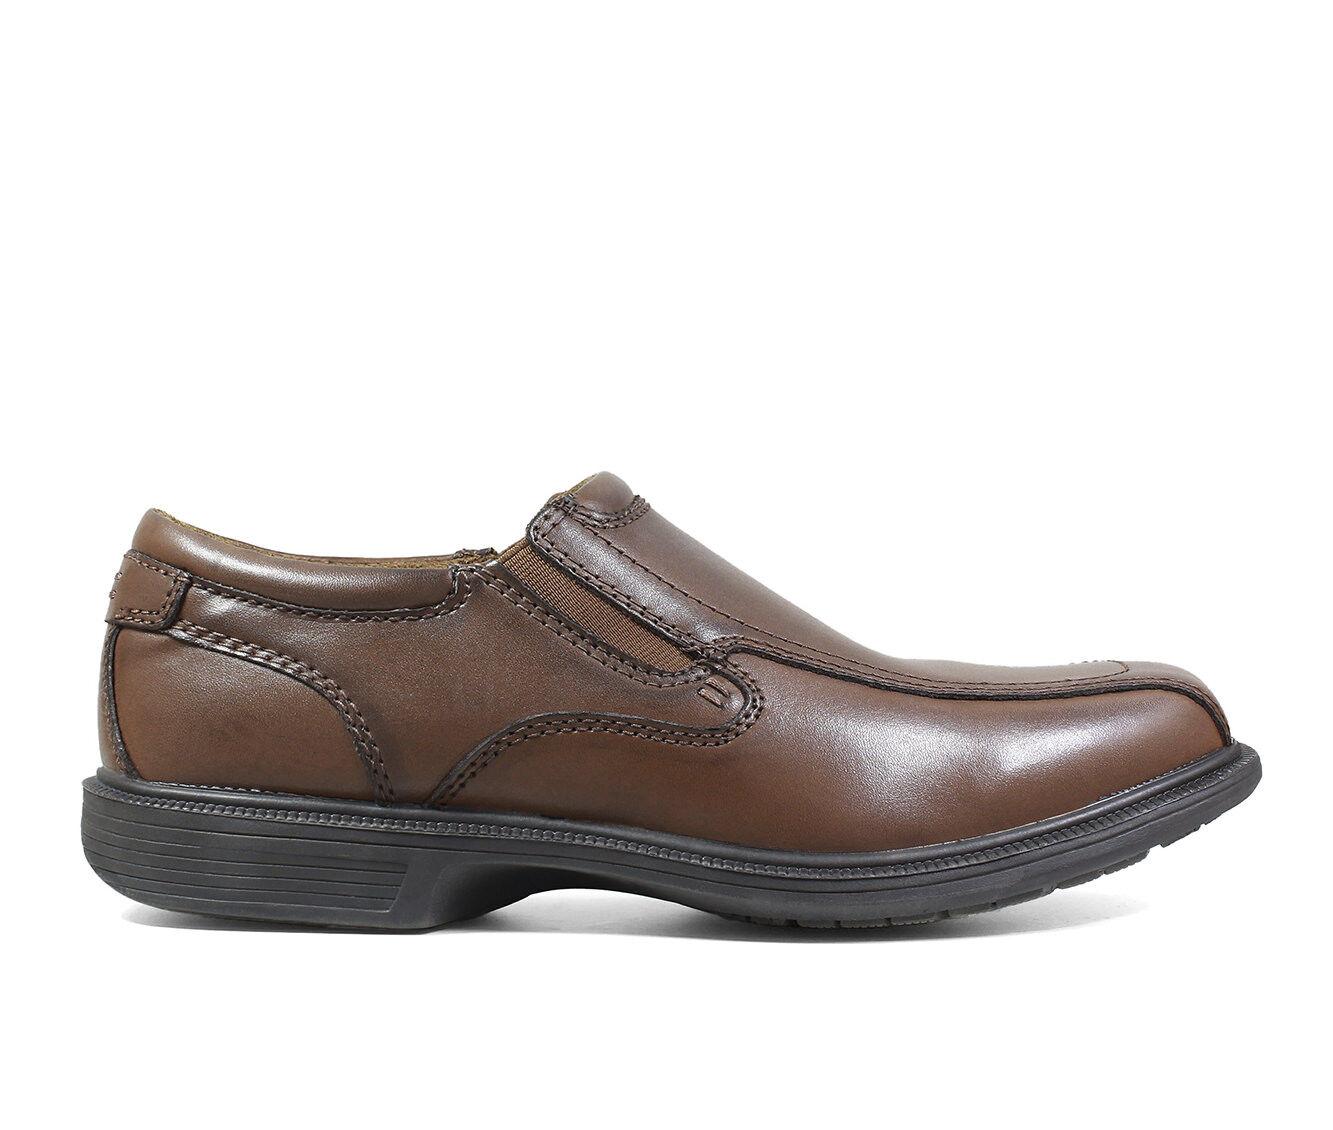 Men's Nunn Bush Bleeker Street Dress Shoes Cognac